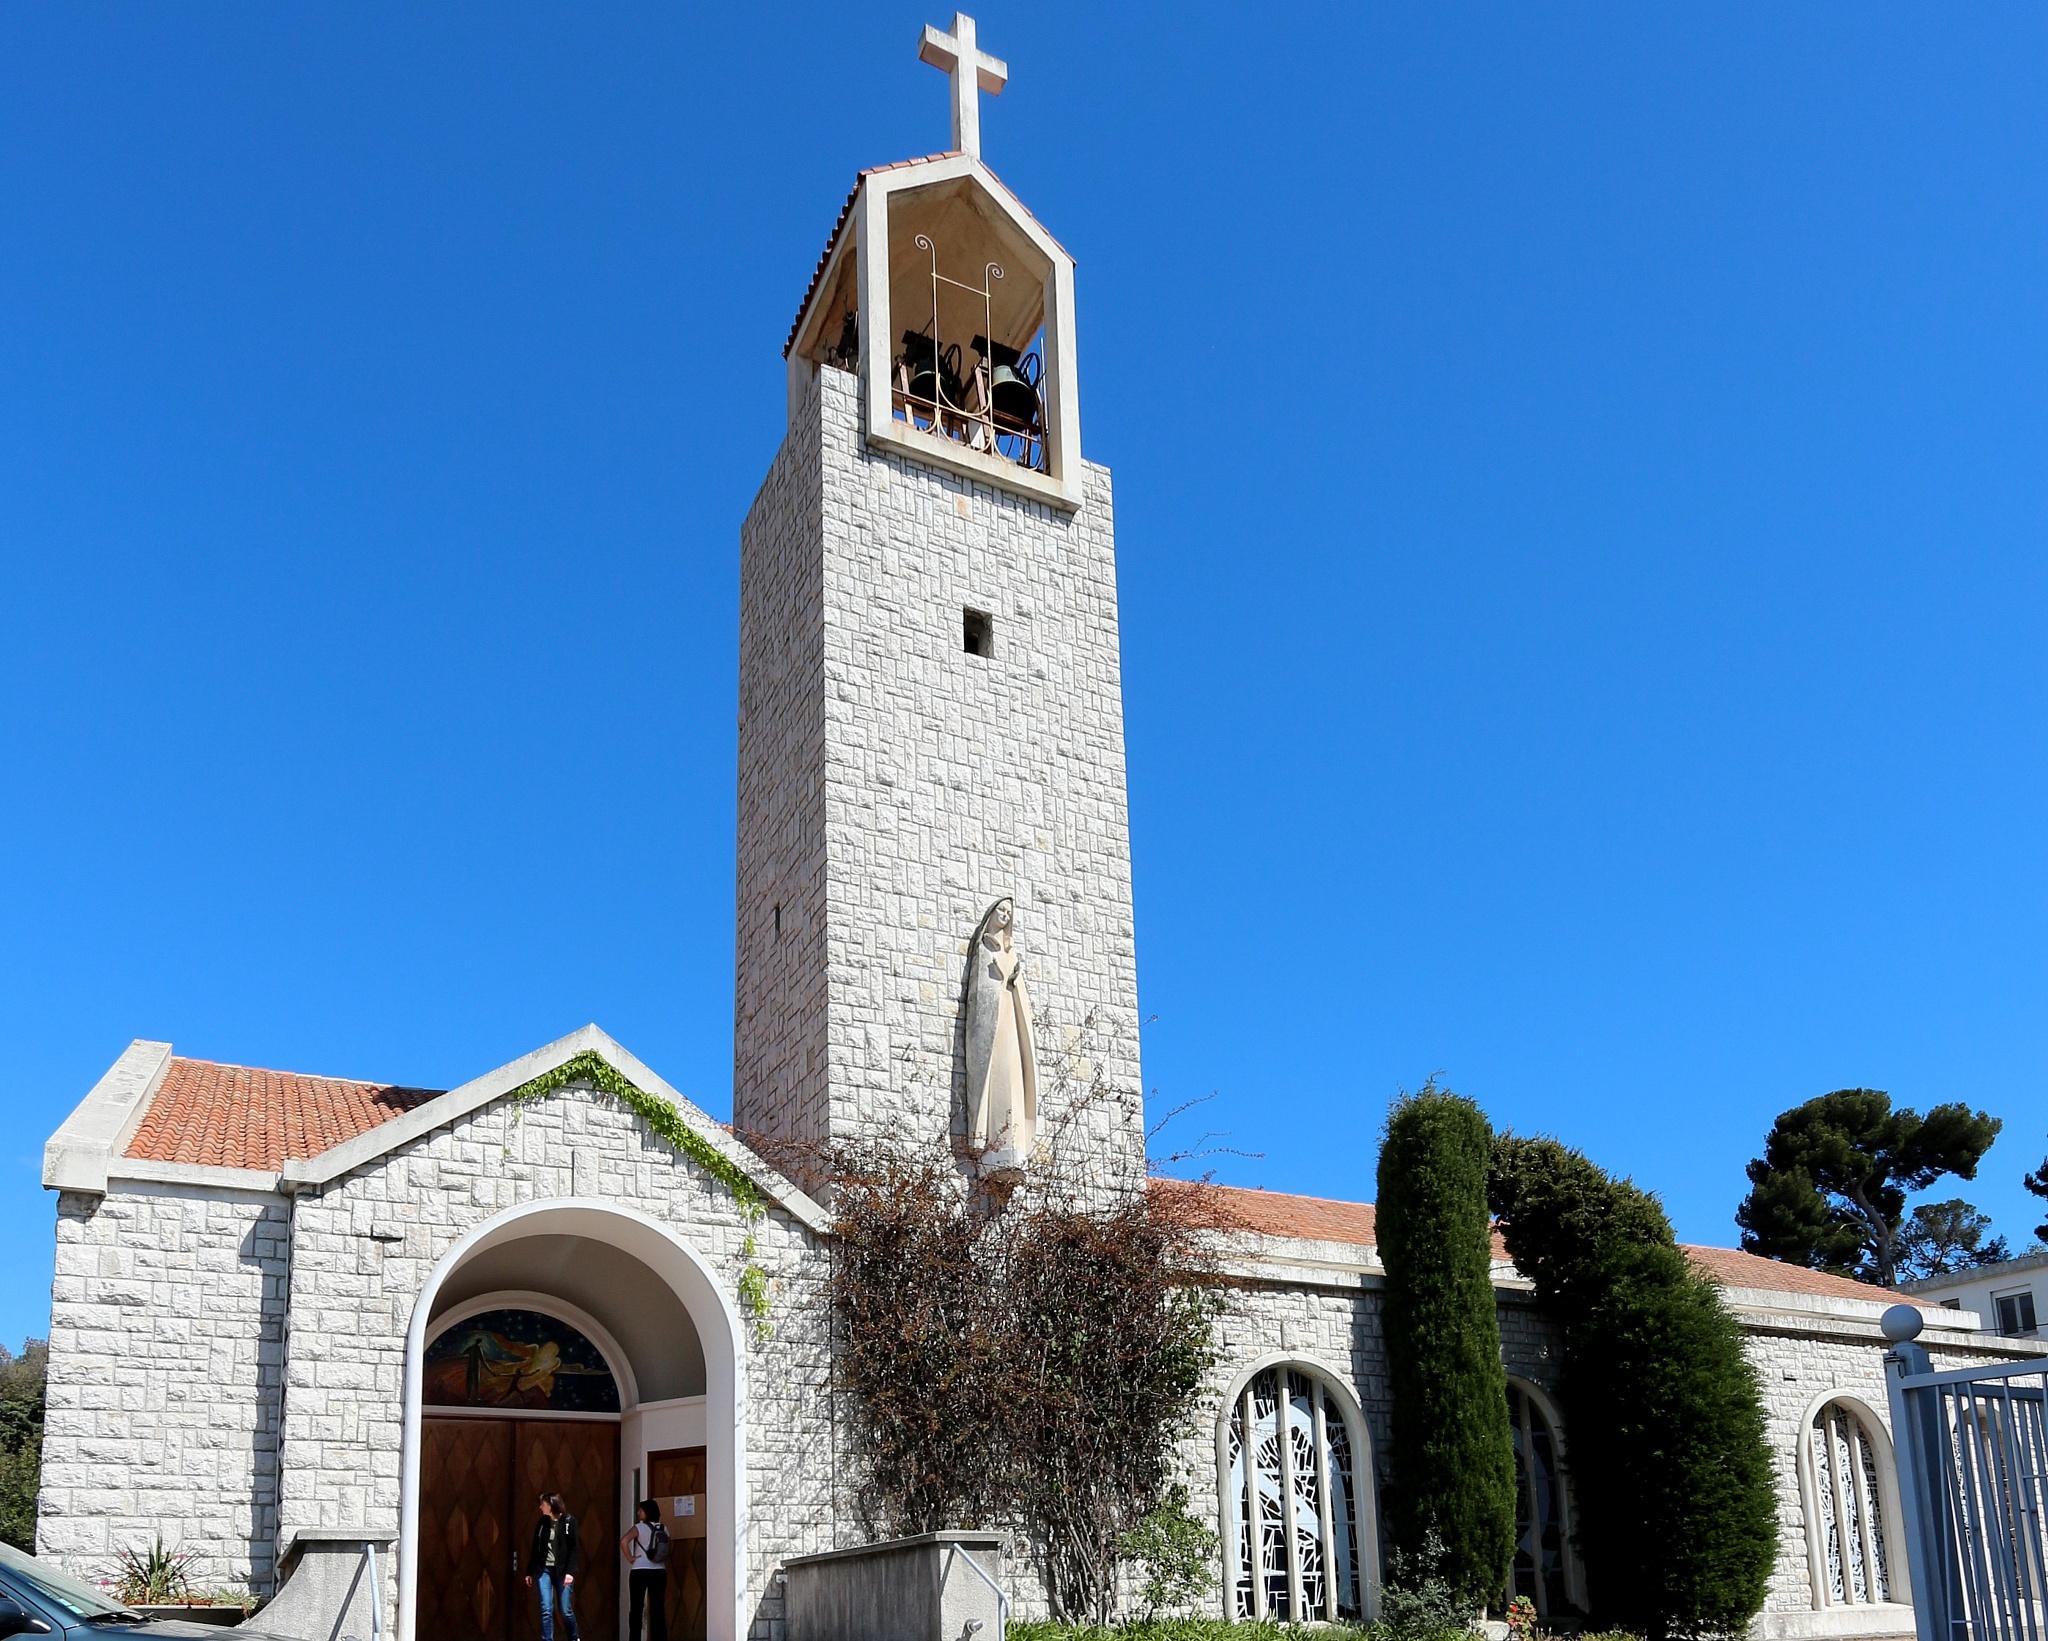 église, col de Villefranche by katze